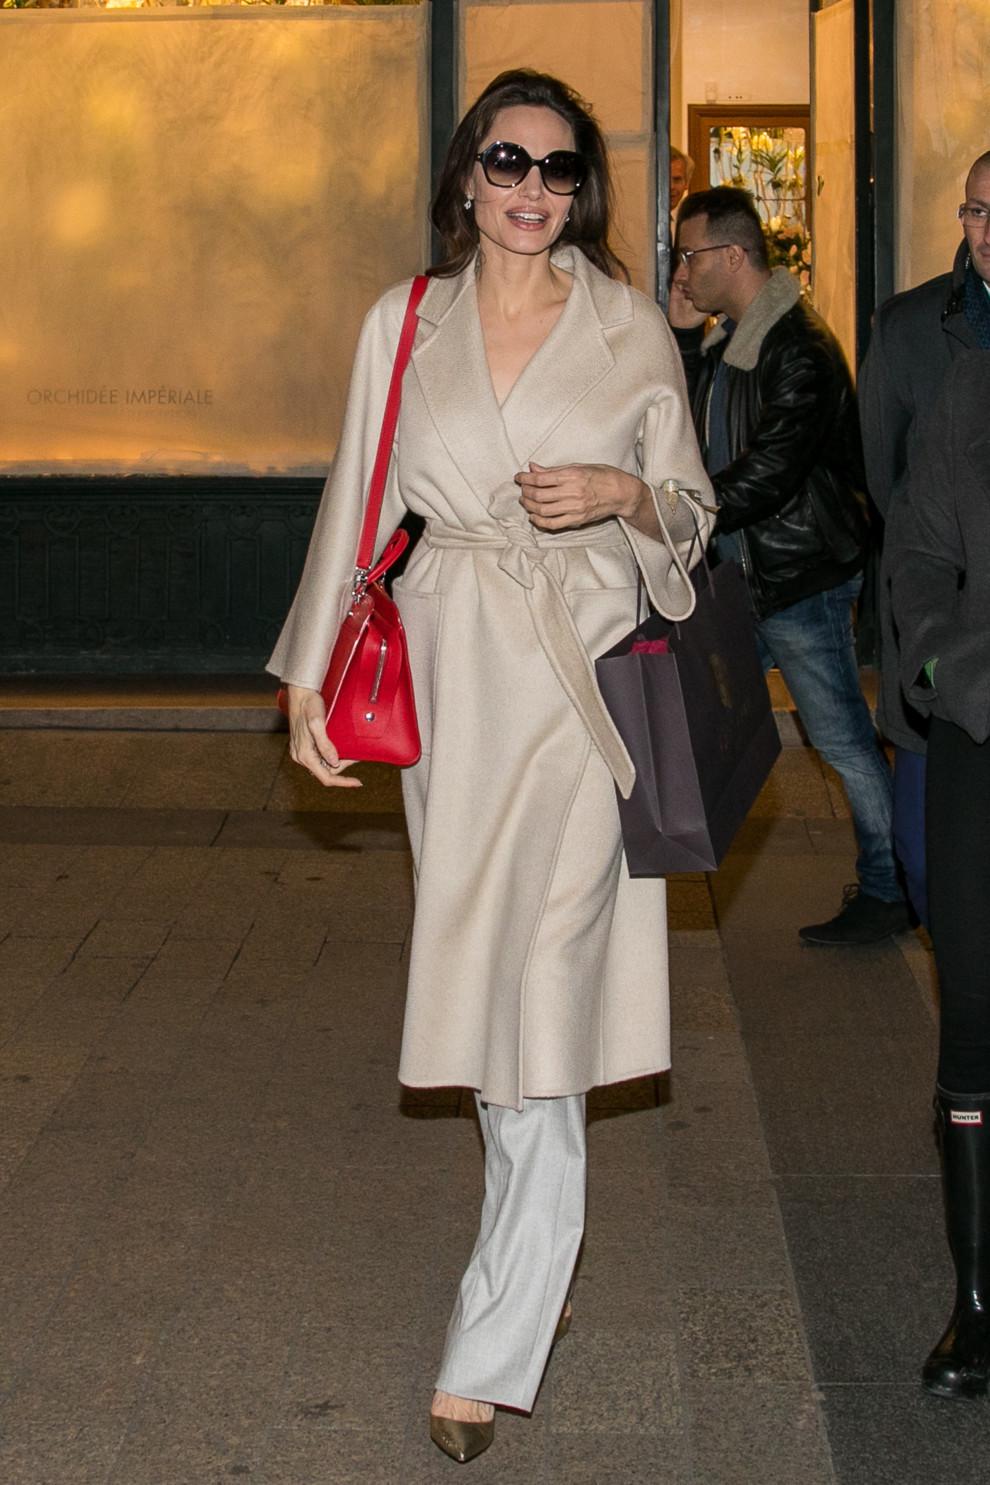 5b83d18149d09 - Свежий взгляд на стиль Анджелины Джоли: скука, или современный пуризм